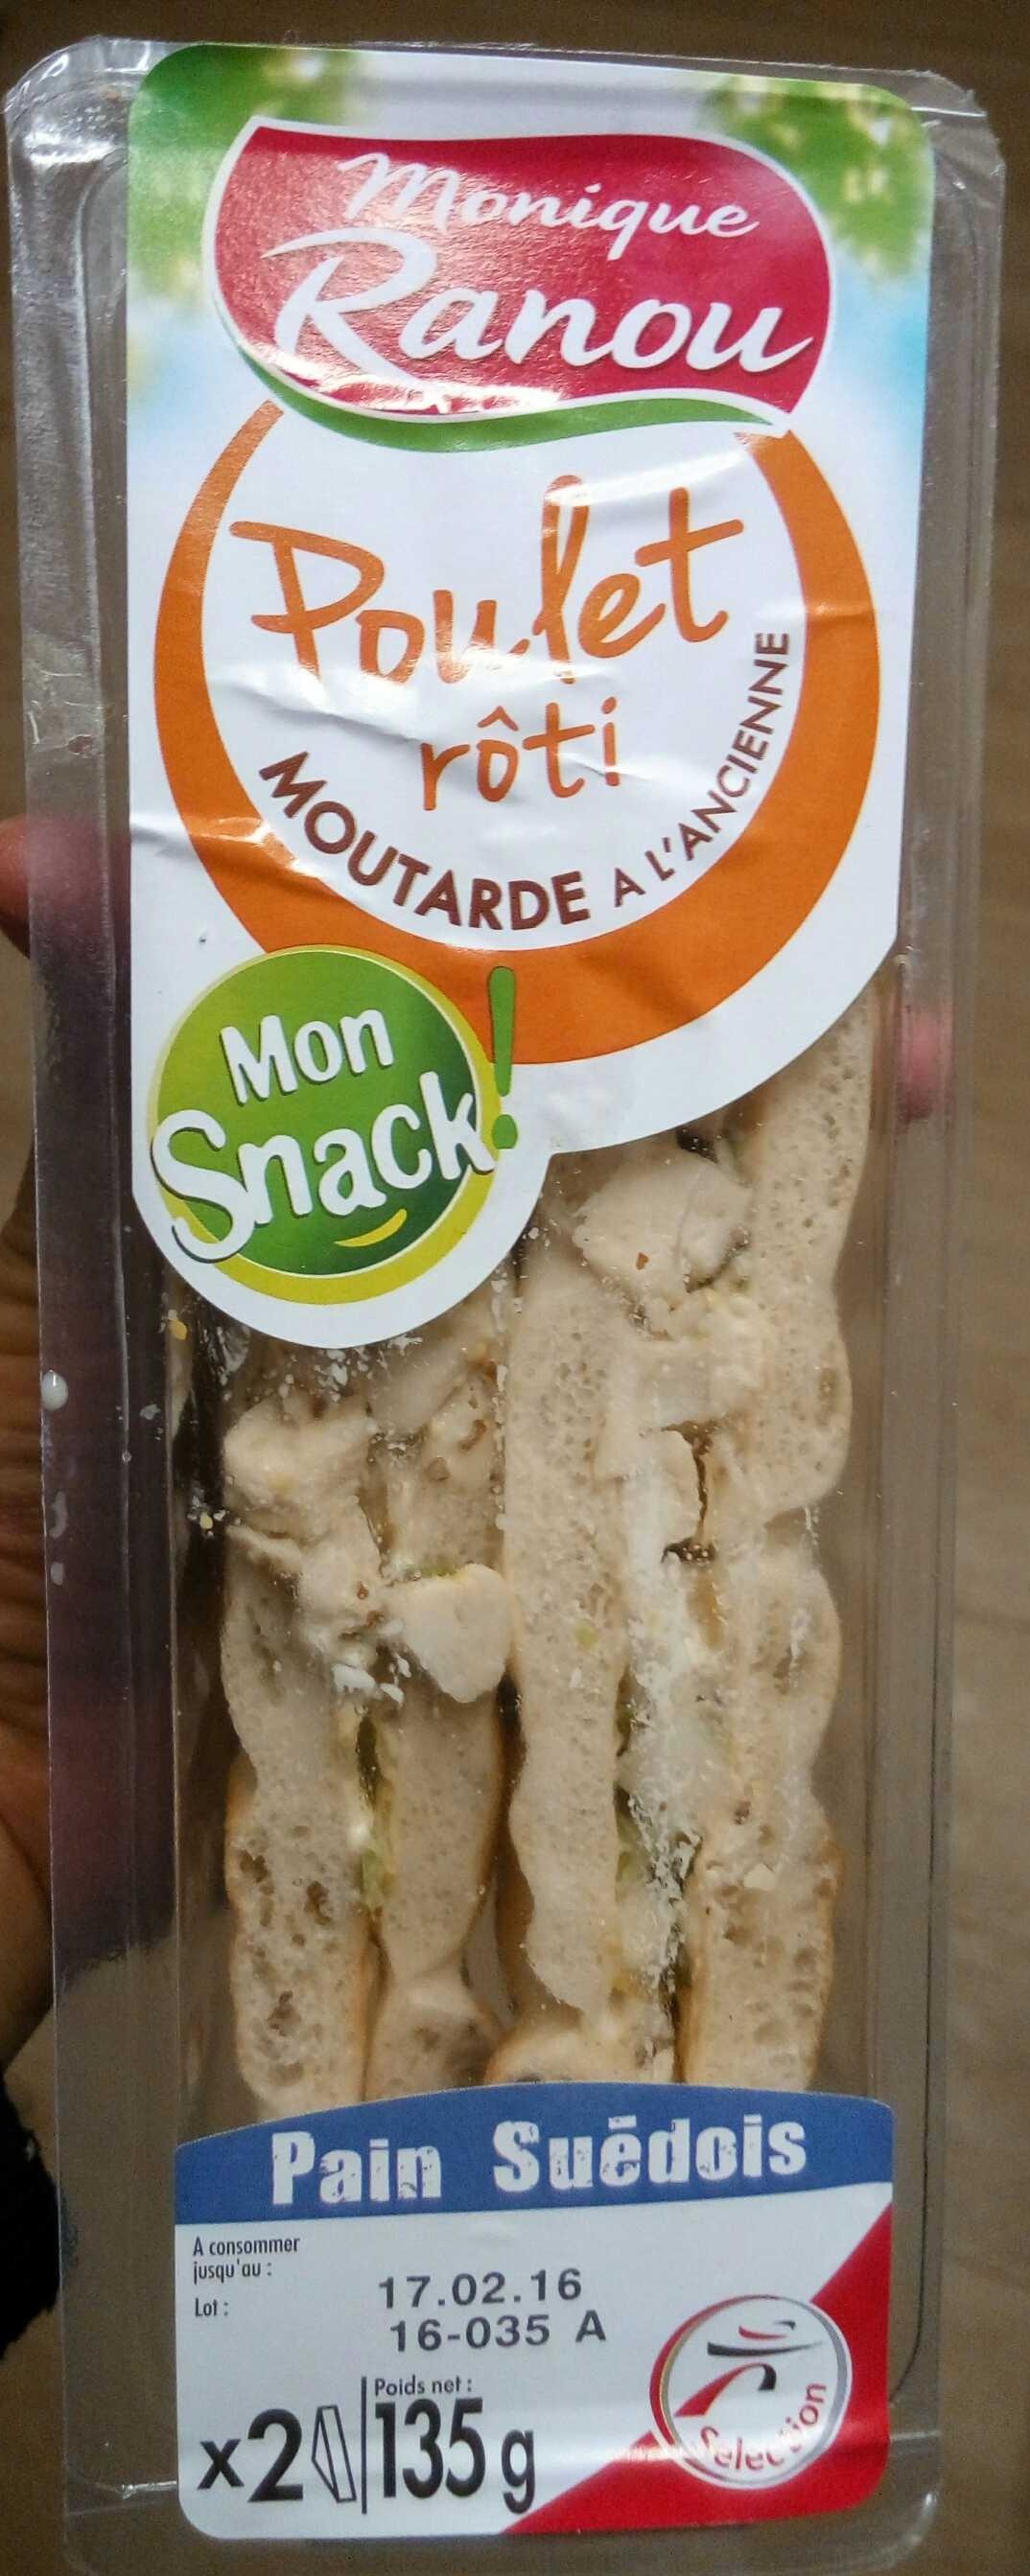 Poulet rôti moutarde à l'ancienne - Product - fr